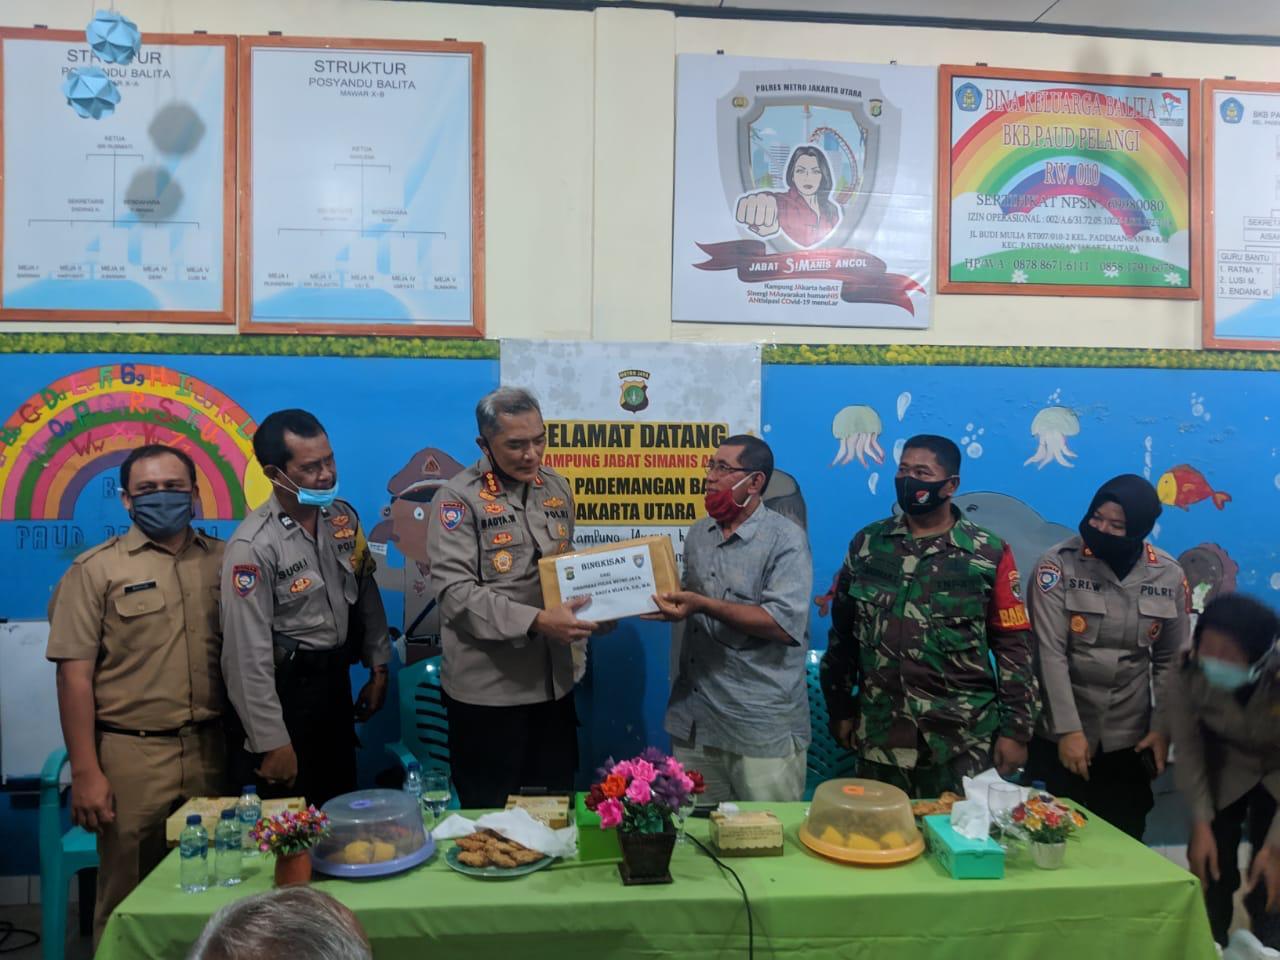 Dir Binmas PMJ KBP Badya Wijaya Kunjungi Pos Kamling Di Wilayah Pademangan Barat